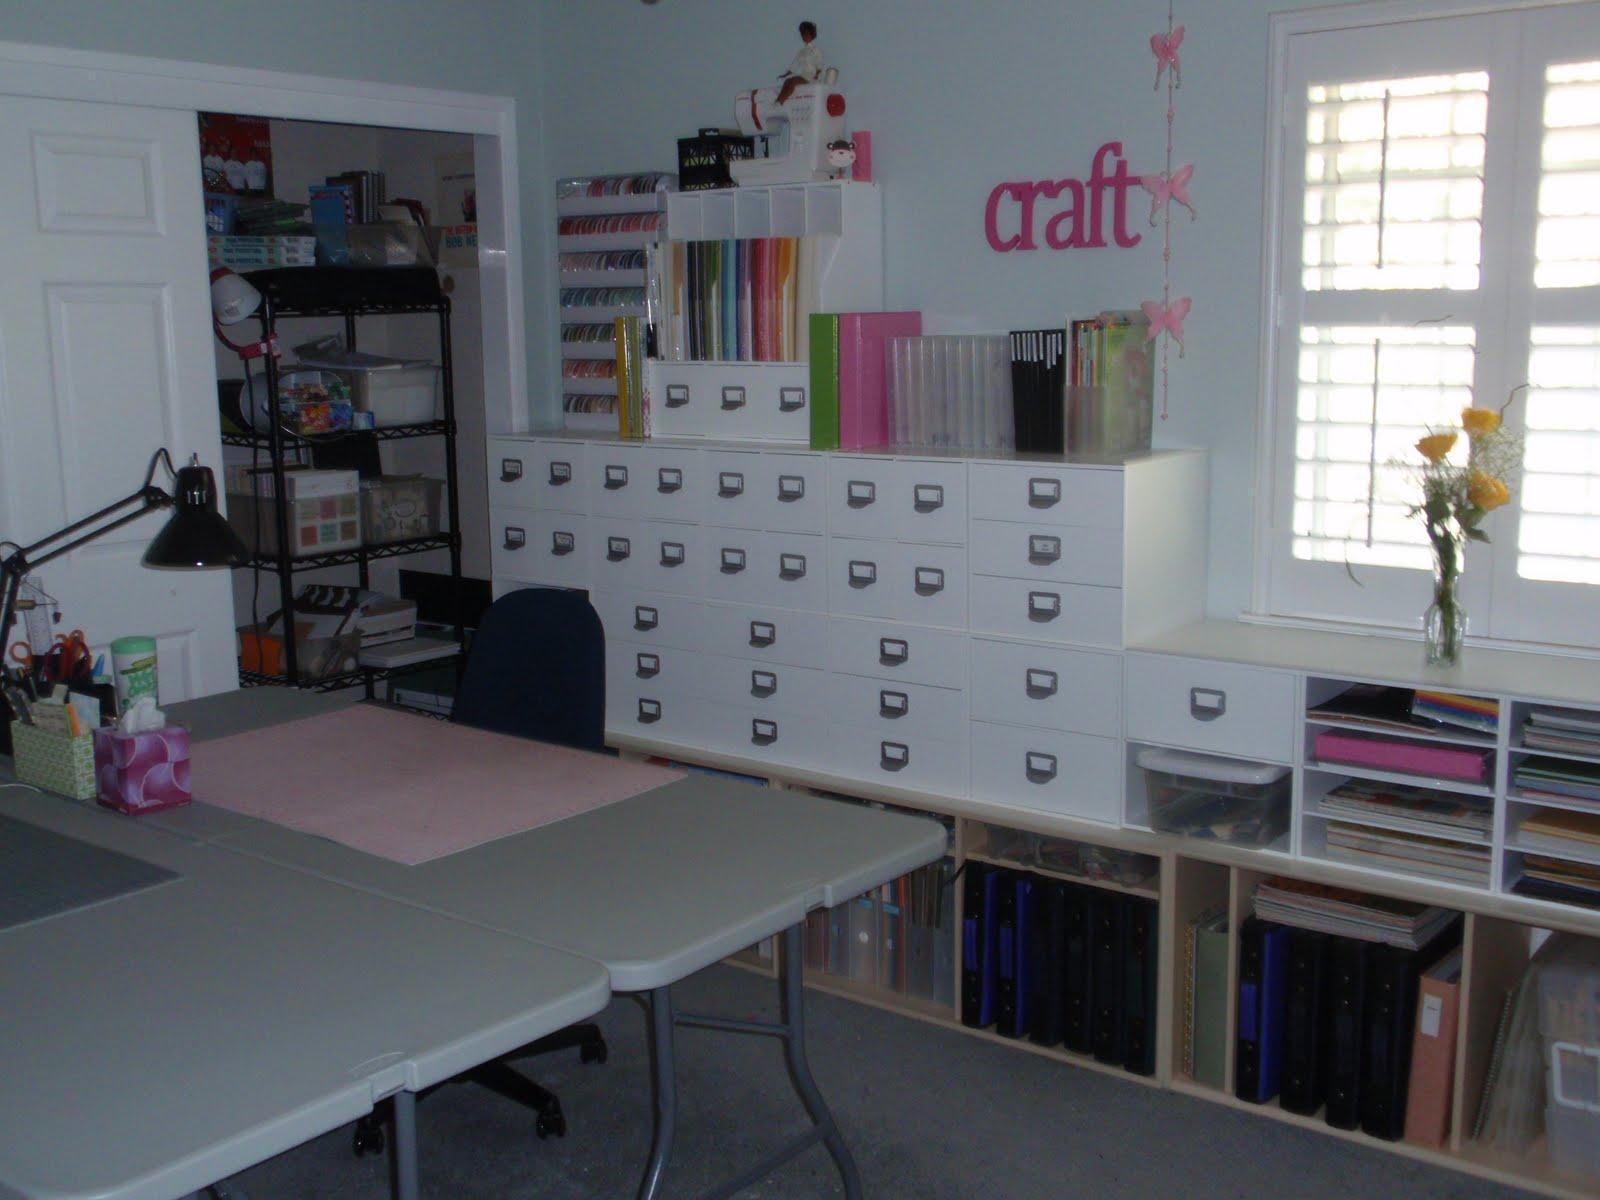 http://1.bp.blogspot.com/-UOLGk5-Xl_Q/TcdWtoFvfoI/AAAAAAAAALg/1gDq_ptfW0U/s1600/craft-room5.jpg